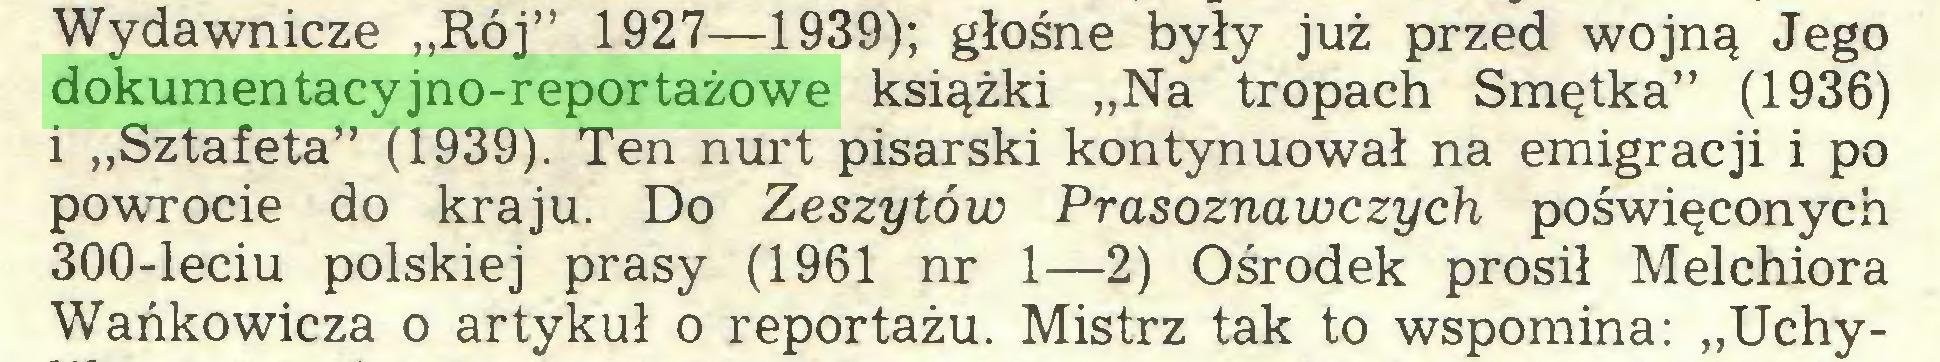 """(...) Wydawnicze """"Rój"""" 1927—1939); głośne były już przed wojną Jego dokumentacyjno-reportażowe książki """"Na tropach Smętka"""" (1936) 1 """"Sztafeta"""" (1939). Ten nurt pisarski kontynuował na emigracji i po powTOcie do kraju. Do Zeszytów Prasoznawczych poświęconych 300-leciu polskiej prasy (1961 nr 1—2) Ośrodek prosił Melchiora Wańkowicza o artykuł o reportażu. Mistrz tak to wspomina: """"Uchy..."""